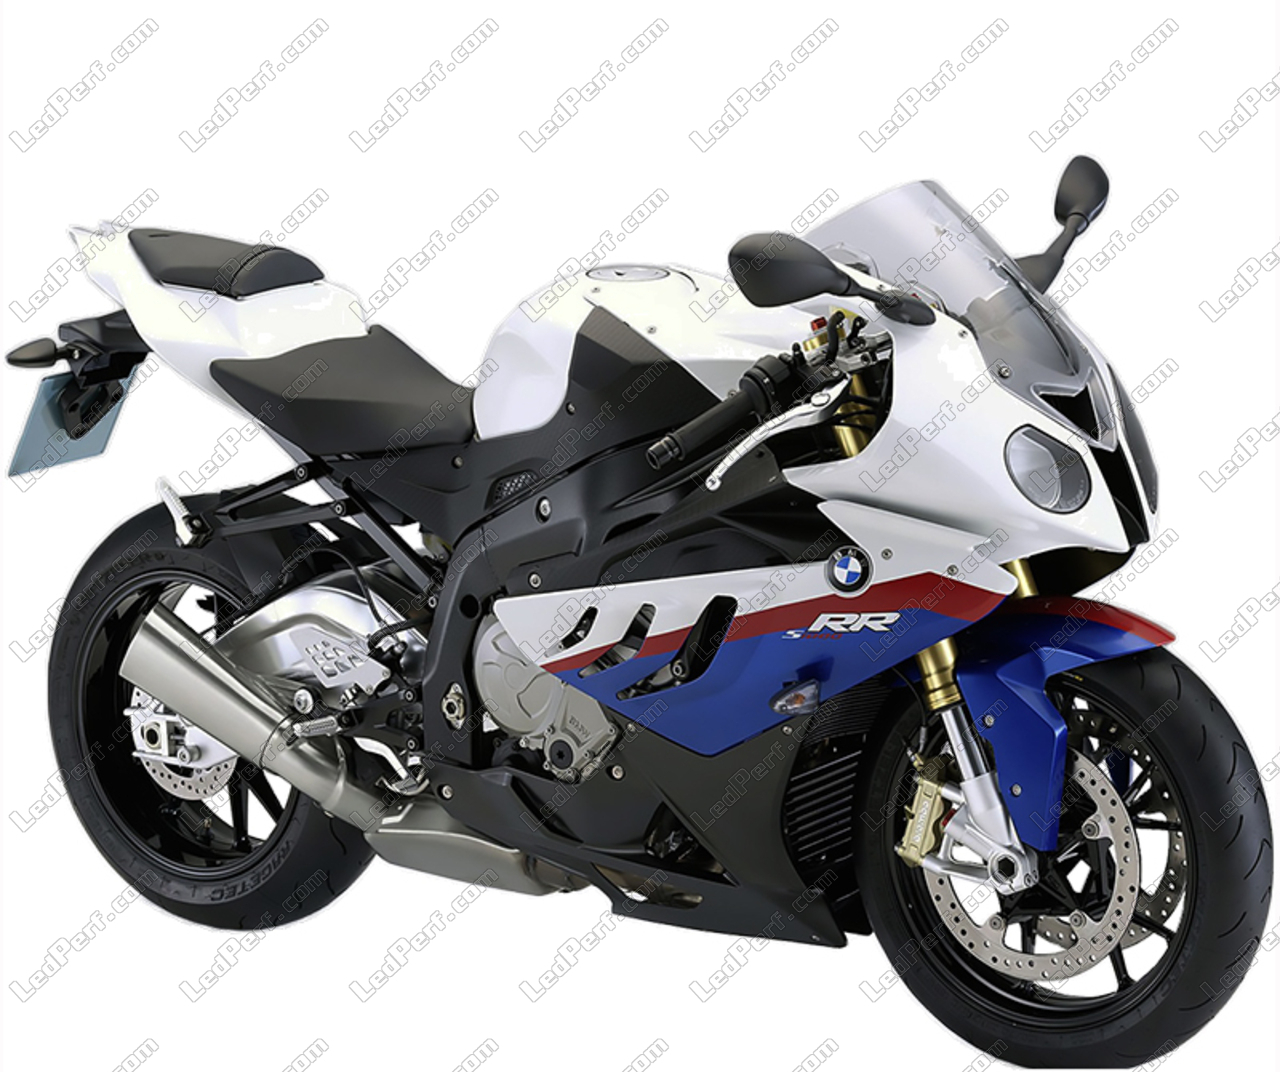 Pack Sidelights Led Xenon White For Bmw Motorrad S 1000 Rr 2009 2015